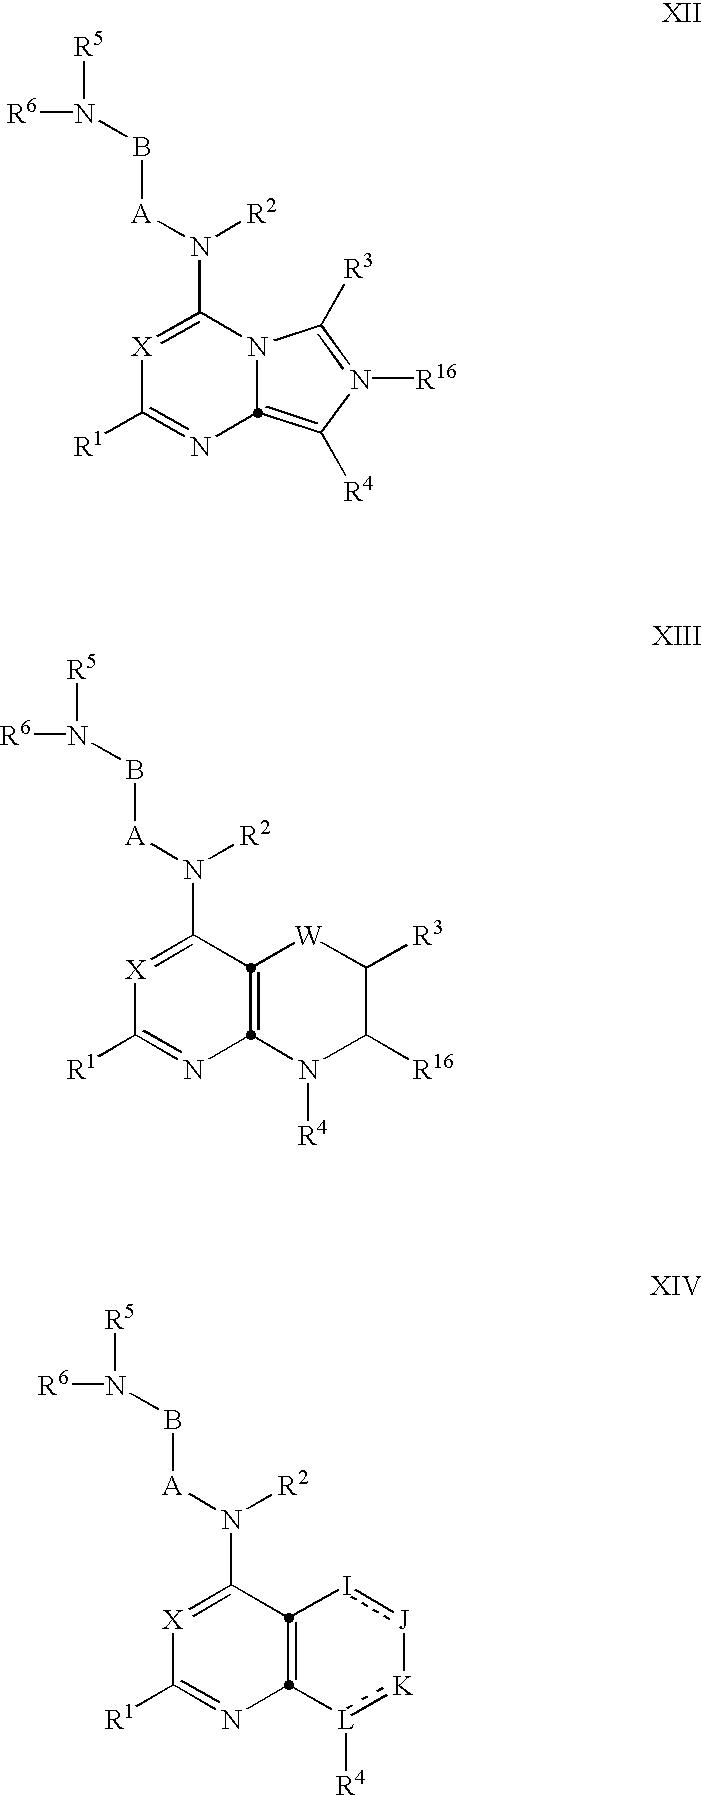 Figure US06506762-20030114-C00105